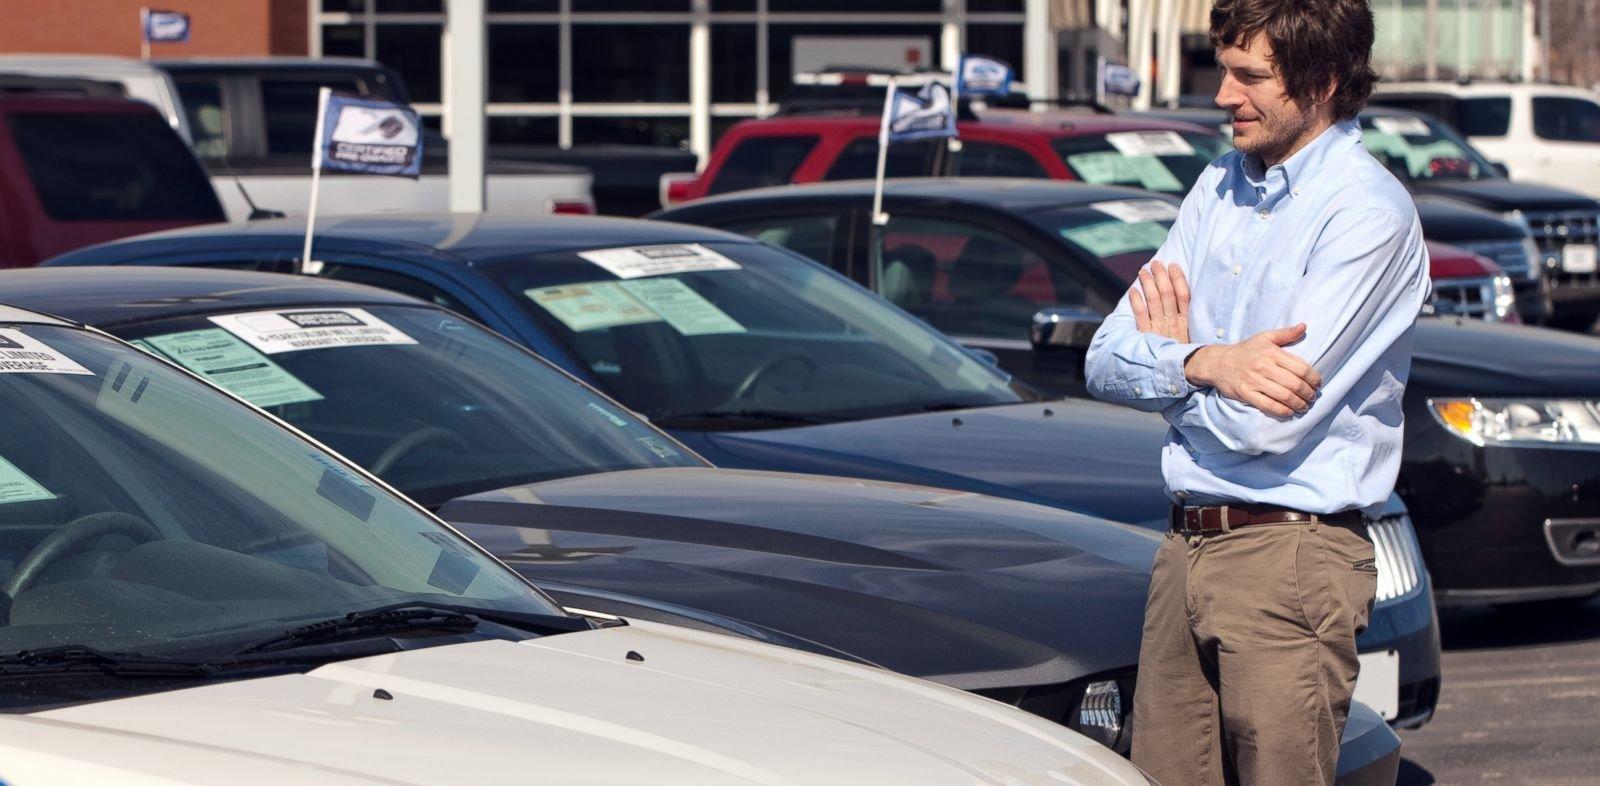 Какие преимущества можно получить при покупке поддержанного автомобиля?